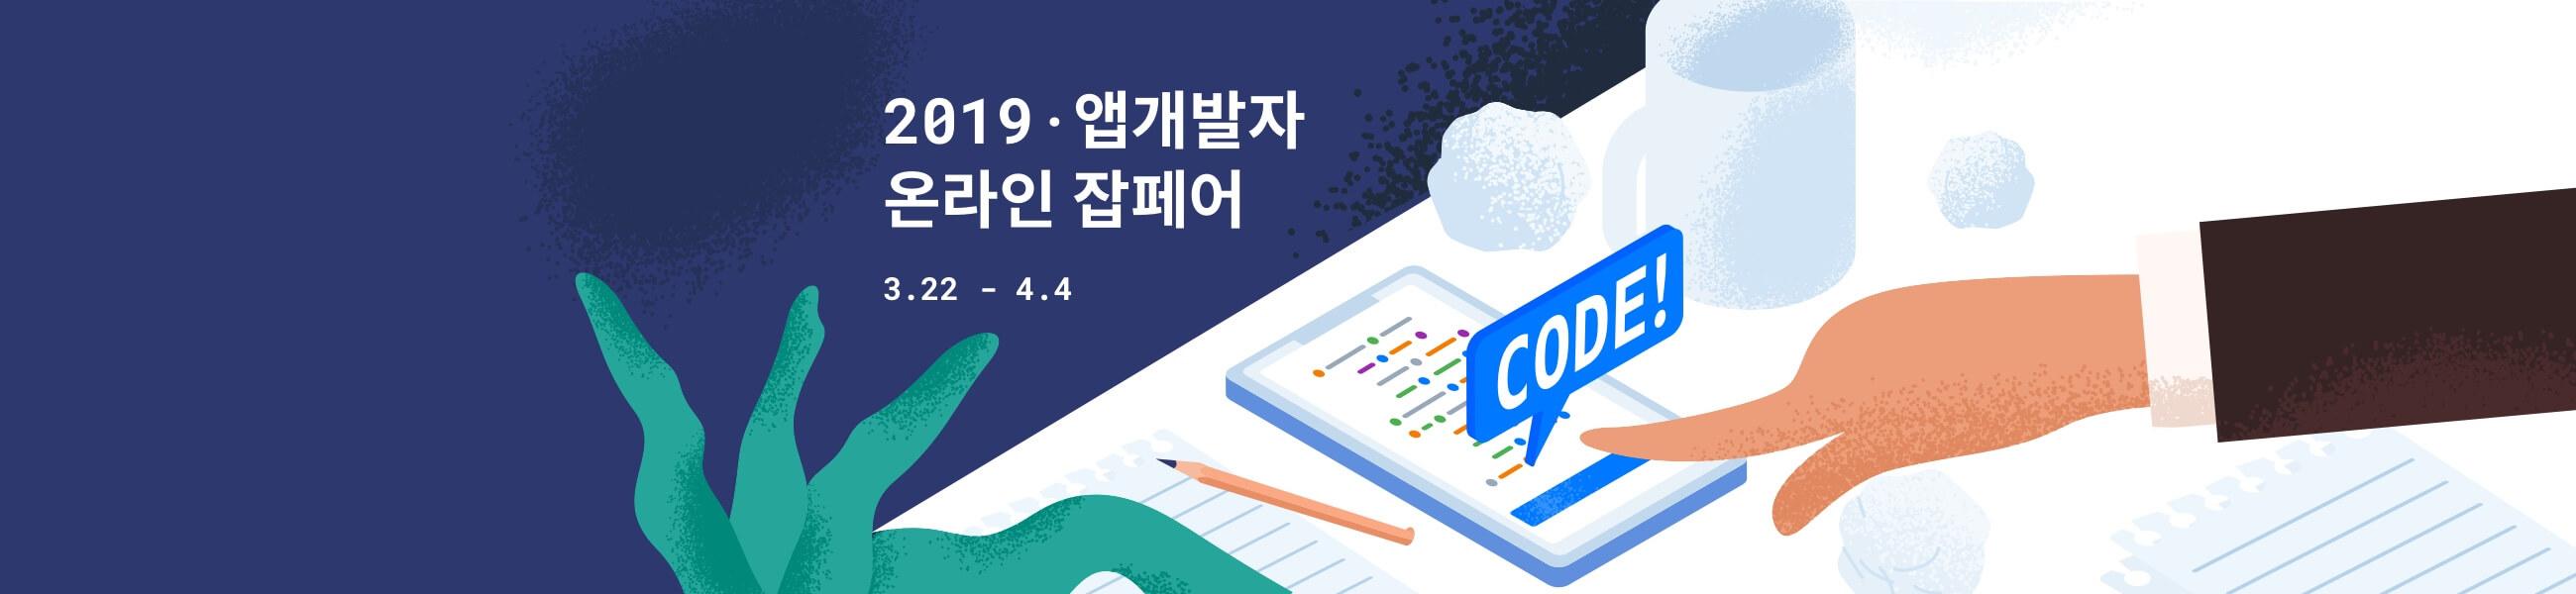 프로그래머스 2019 앱 개발자 온라인 잡페어의 이미지